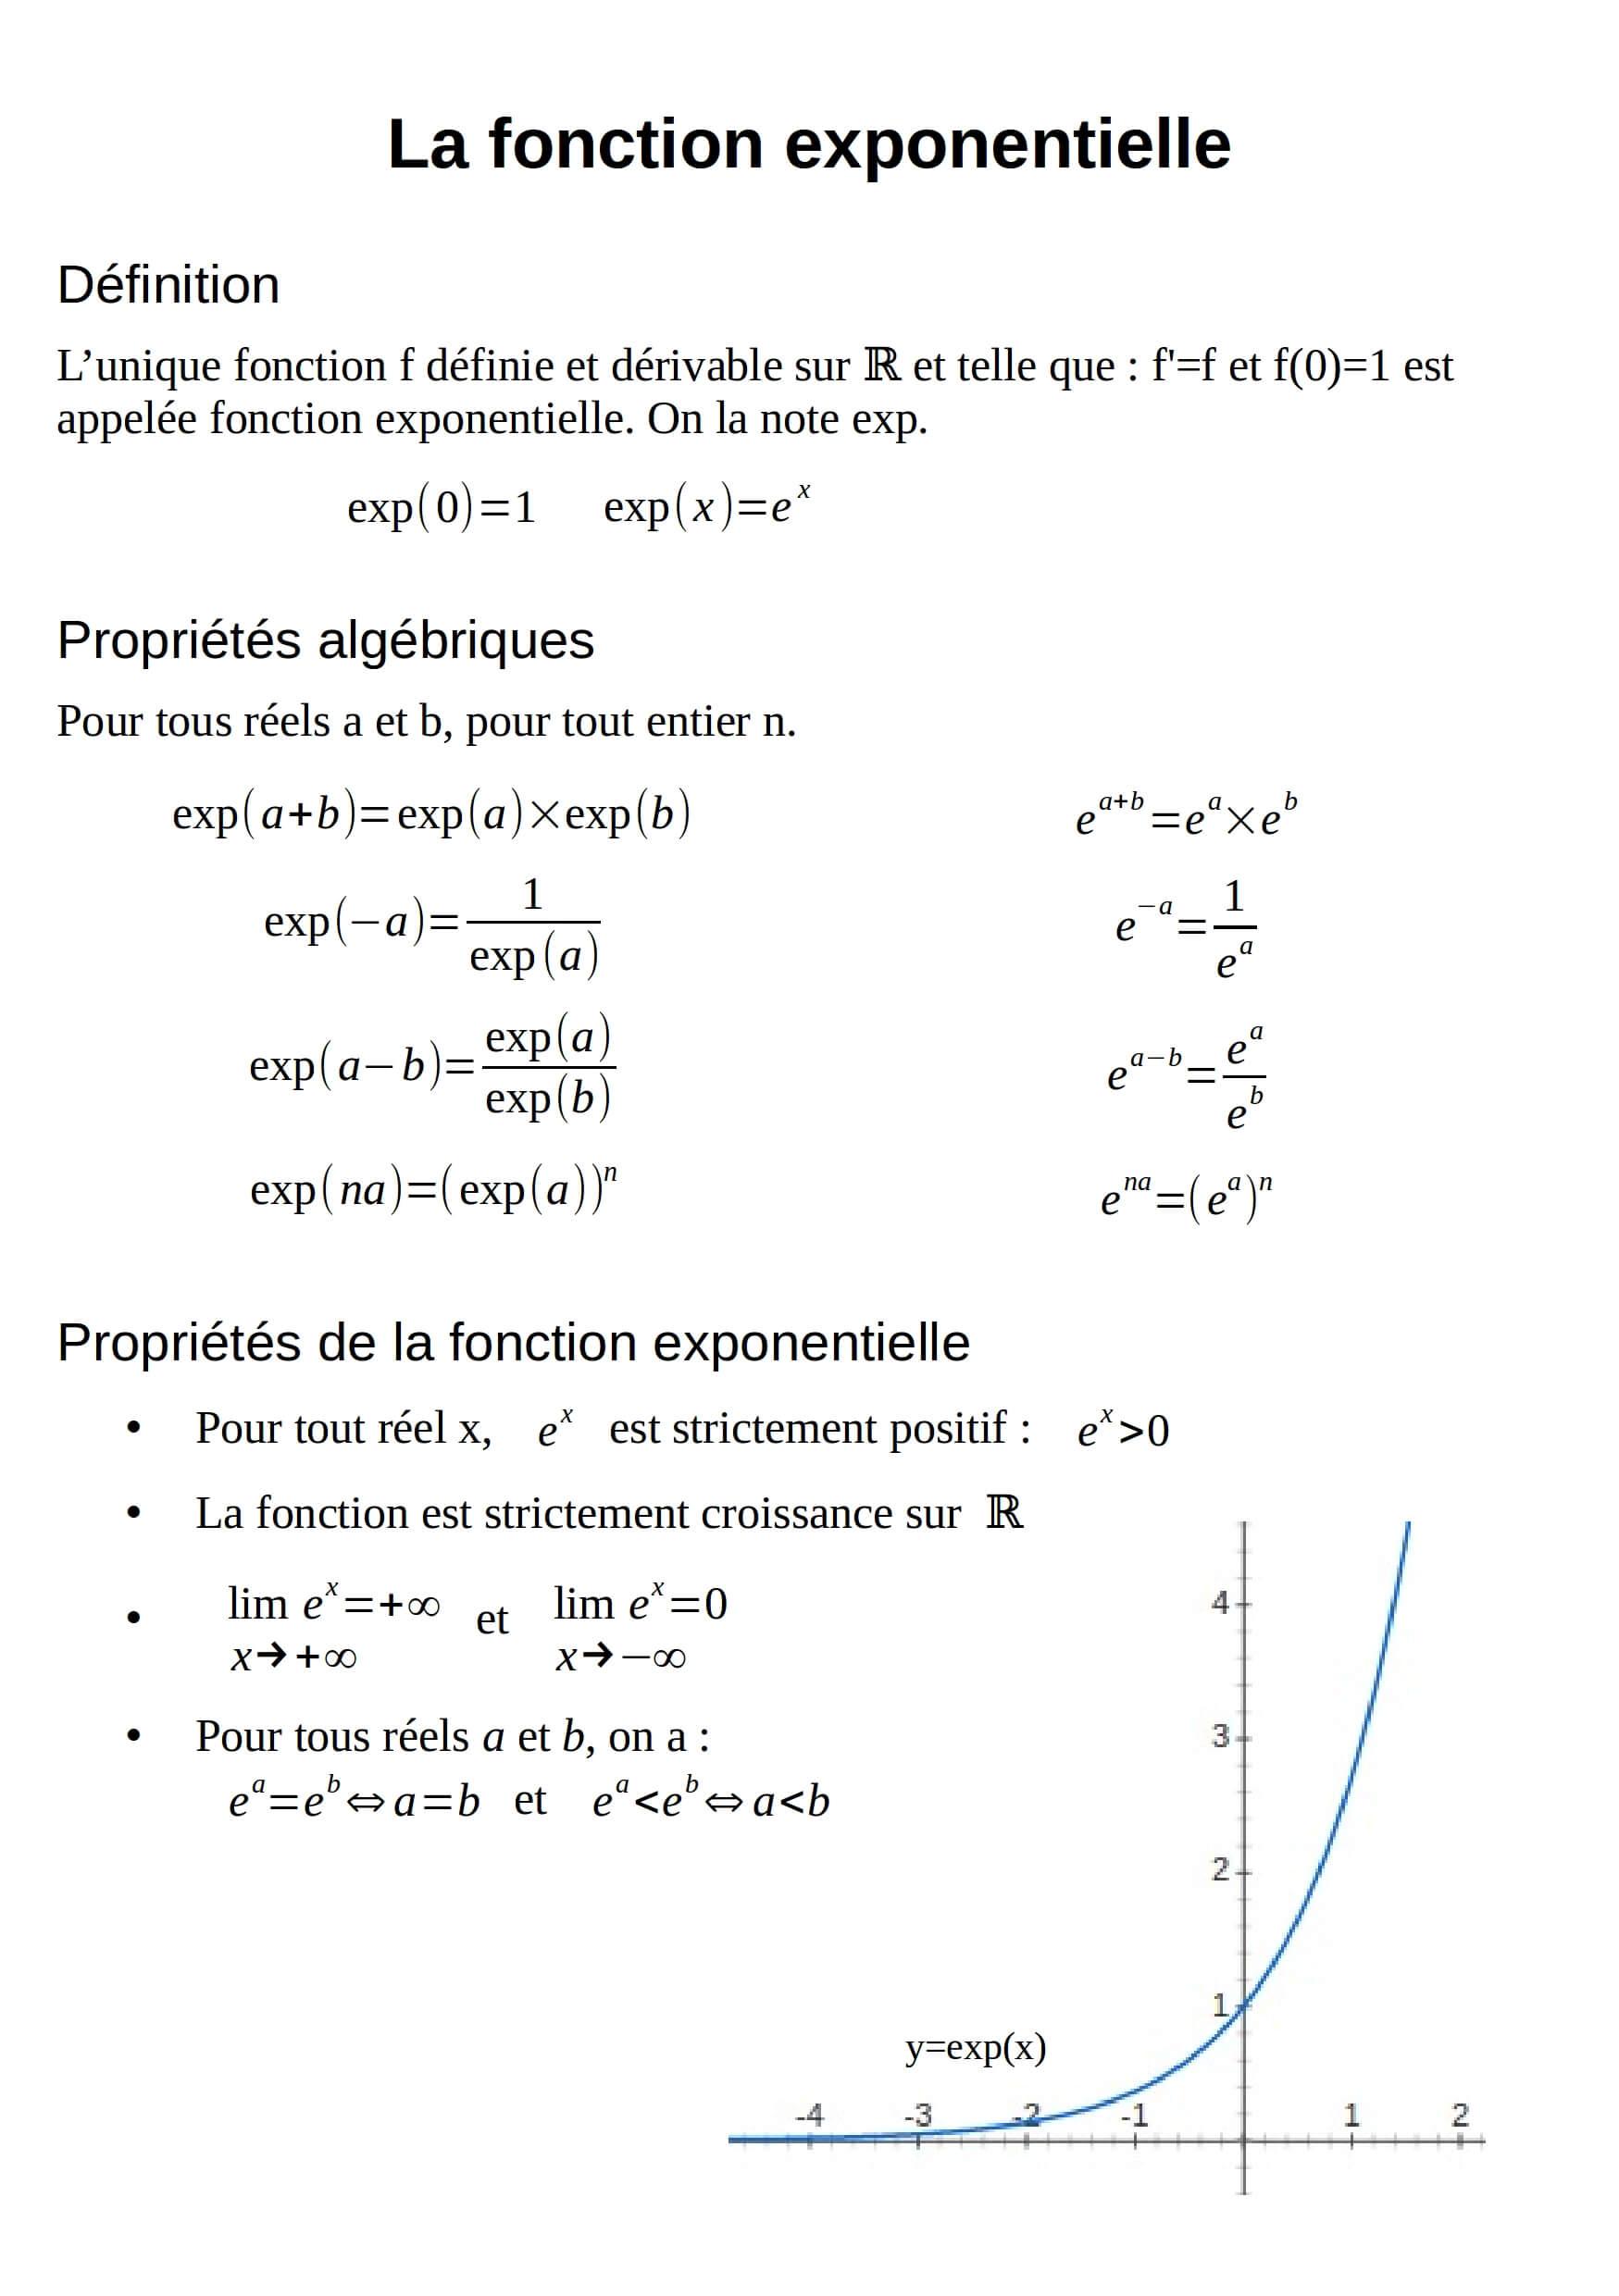 la fonction exponentielle - fiche